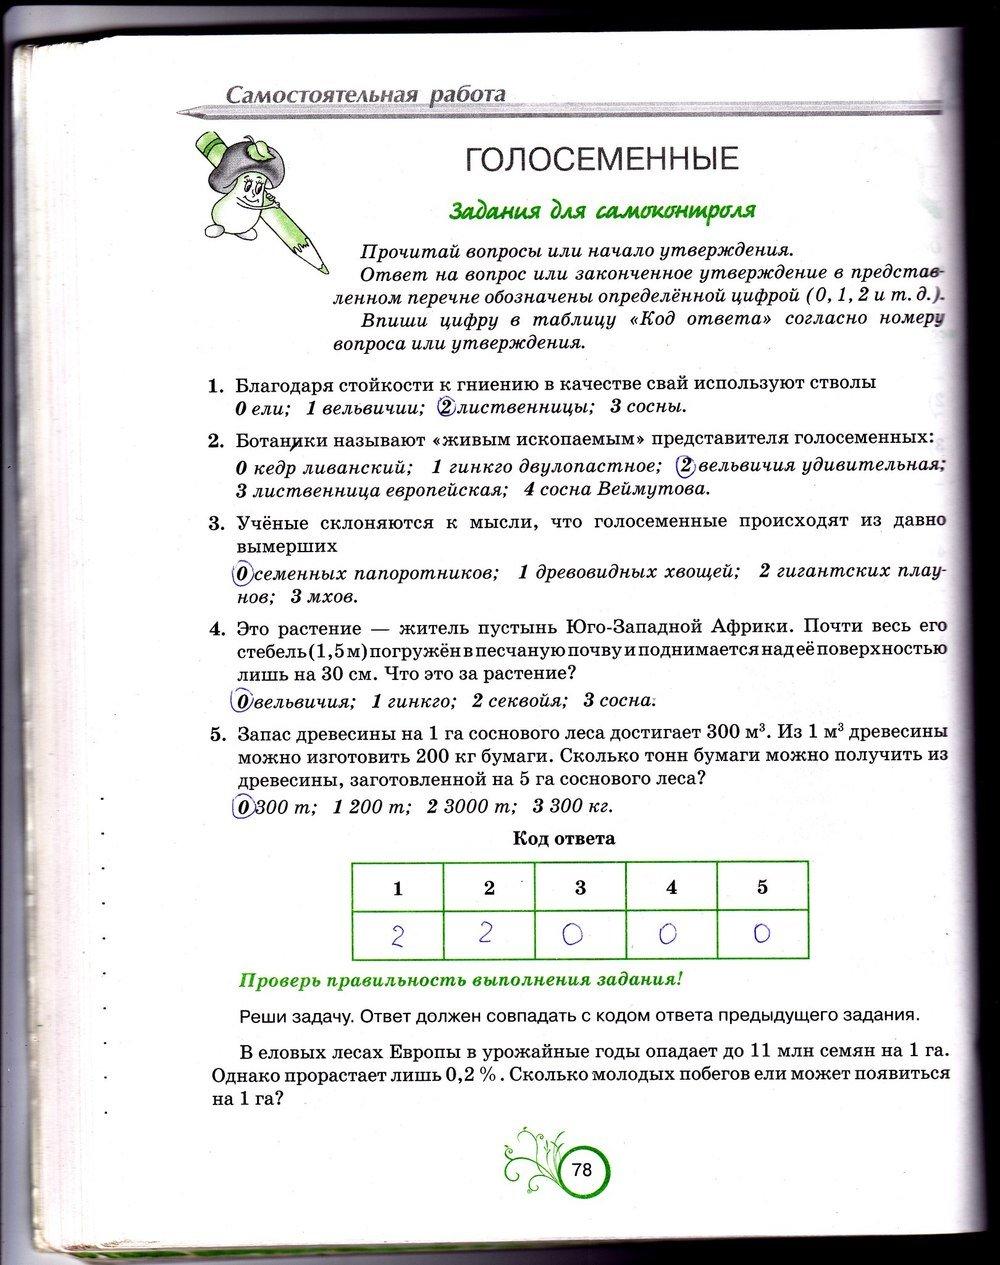 гдз по краеведение 6 класс рабочая тетрадь оданович